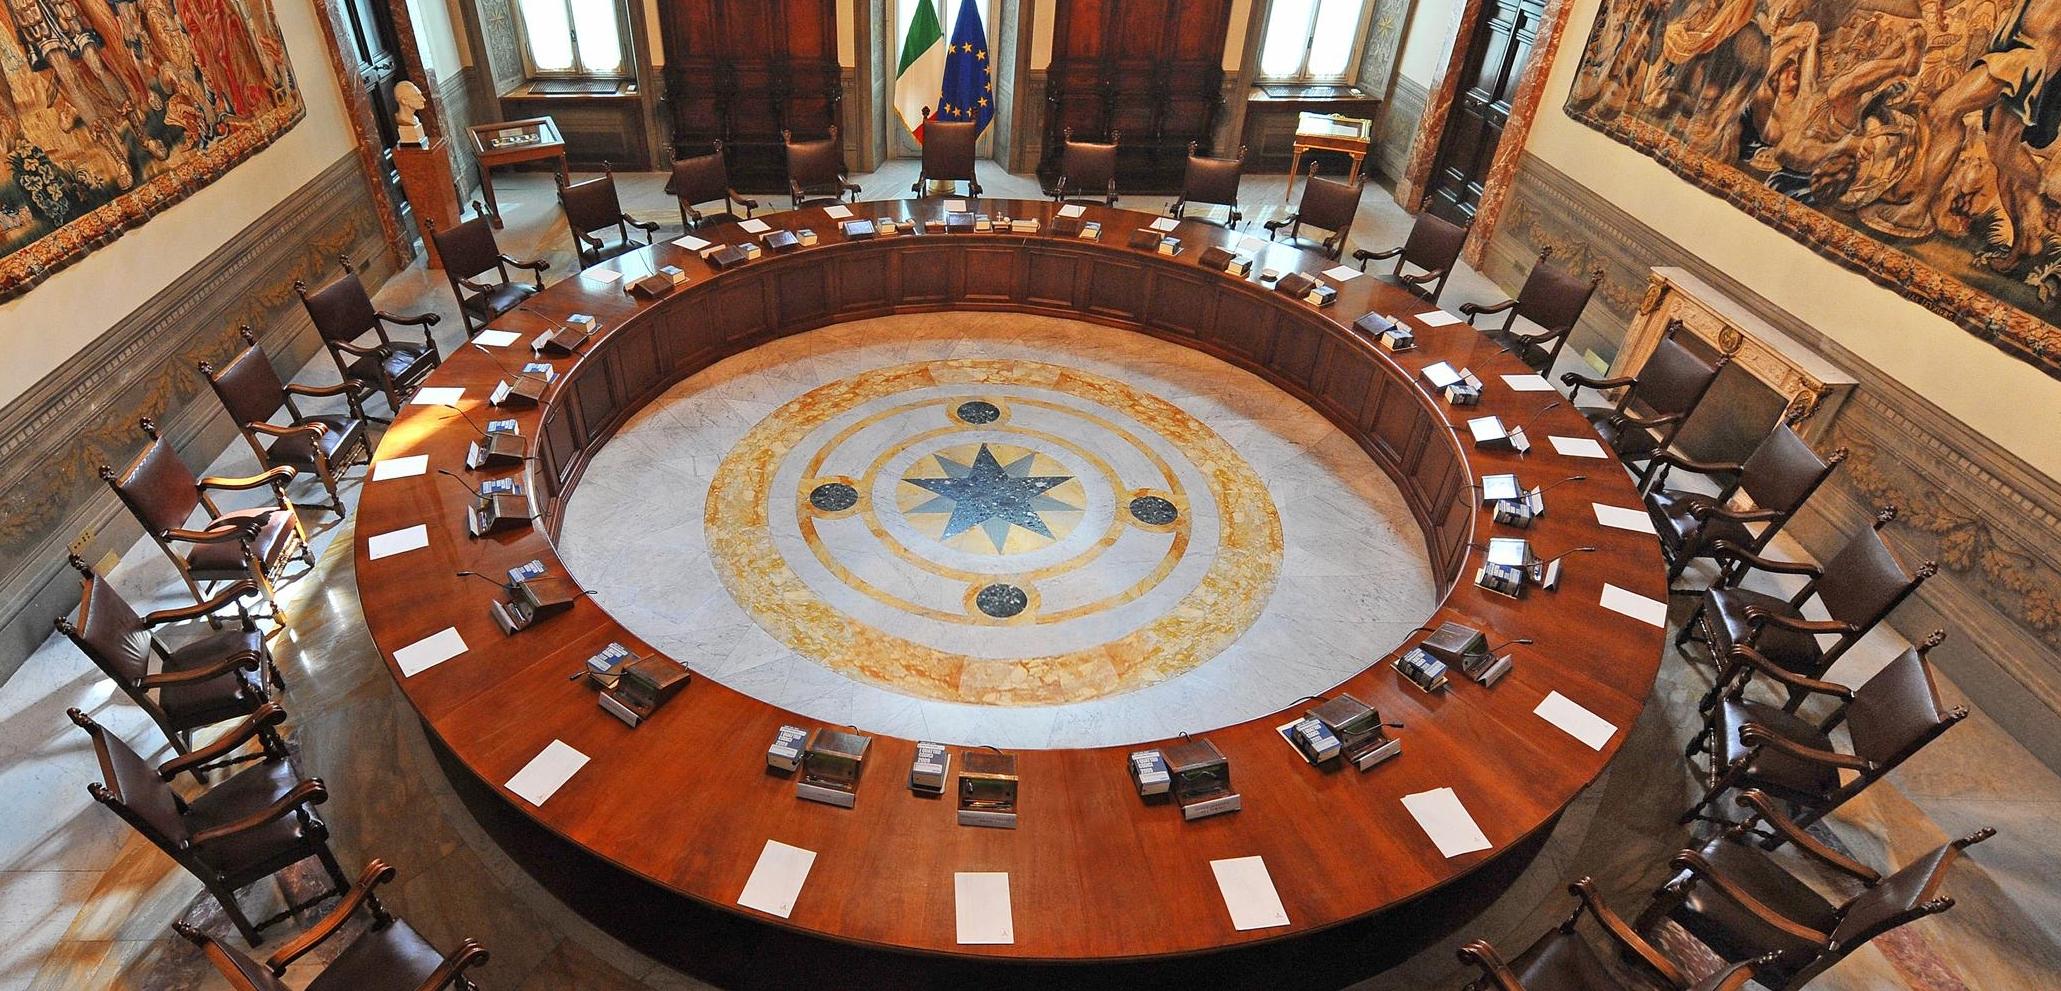 CONSIGLIO DEI MINISTRI: CORRETTIVO - ESAME DEL D.L. SULLA REVISIONE DEI RUOLI DELLE FORZE DI POLIZIA